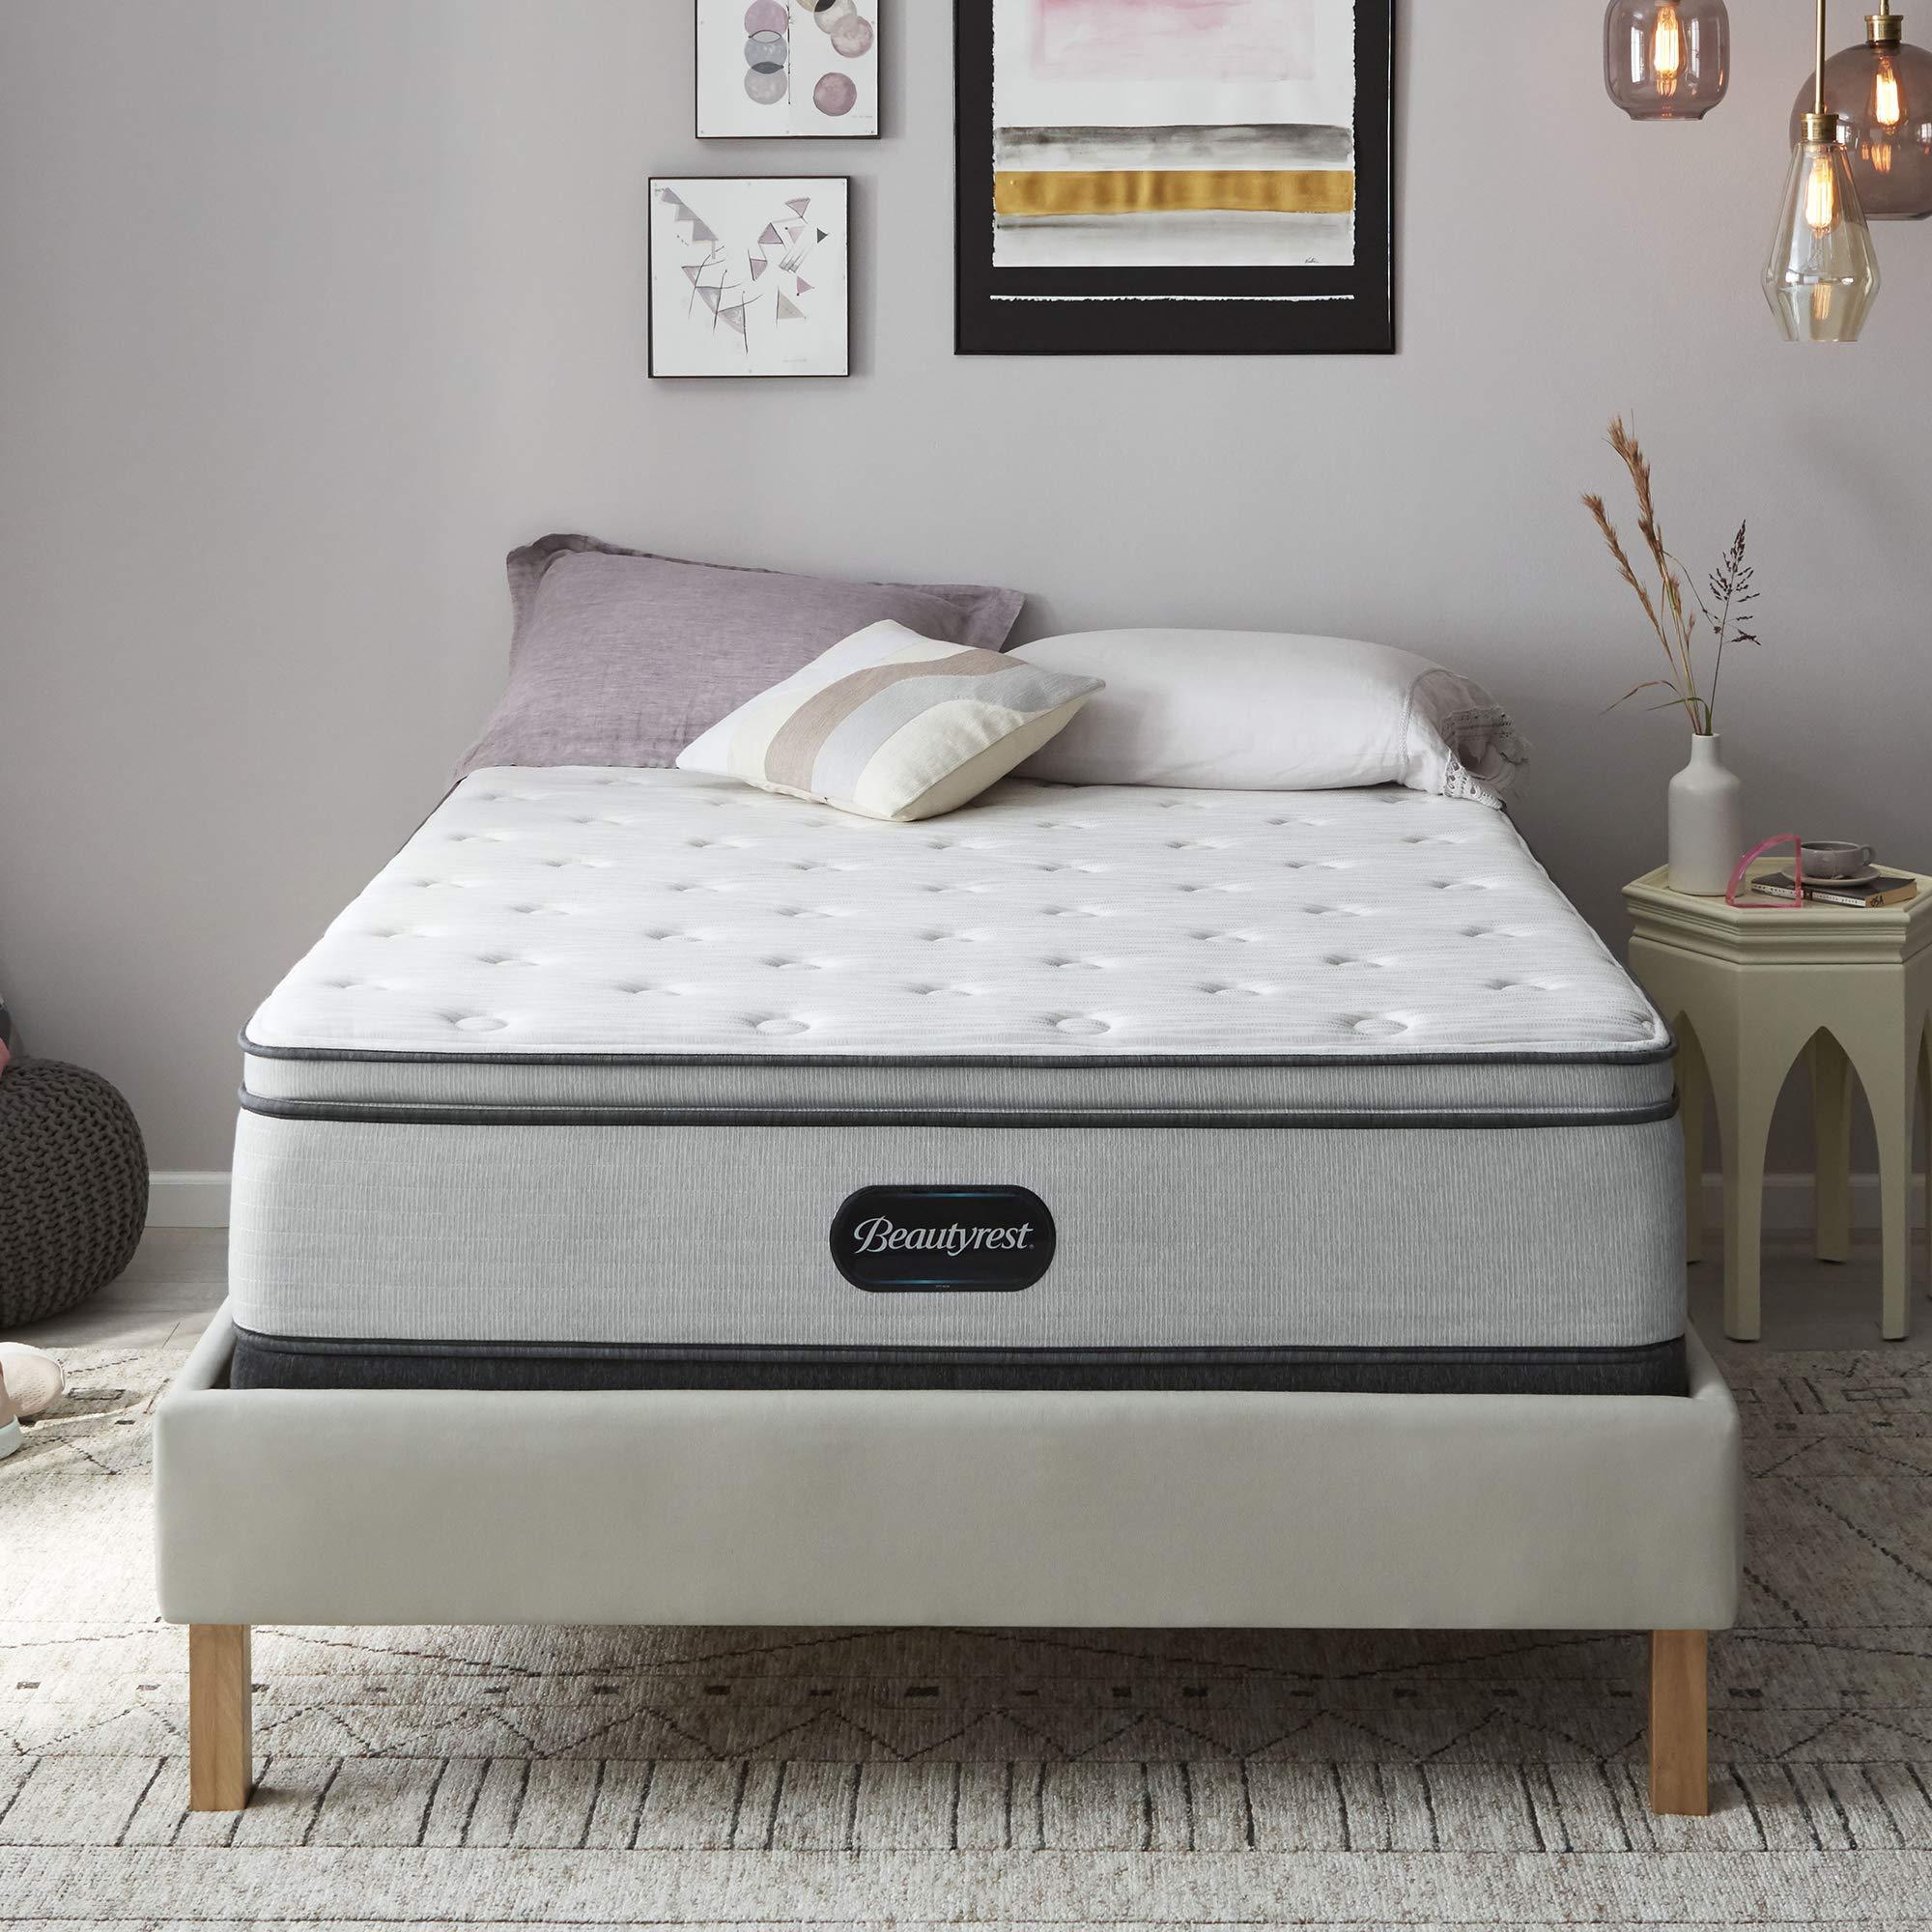 beautyrest br800 13 inch plush pillow top mattress queen mattress only